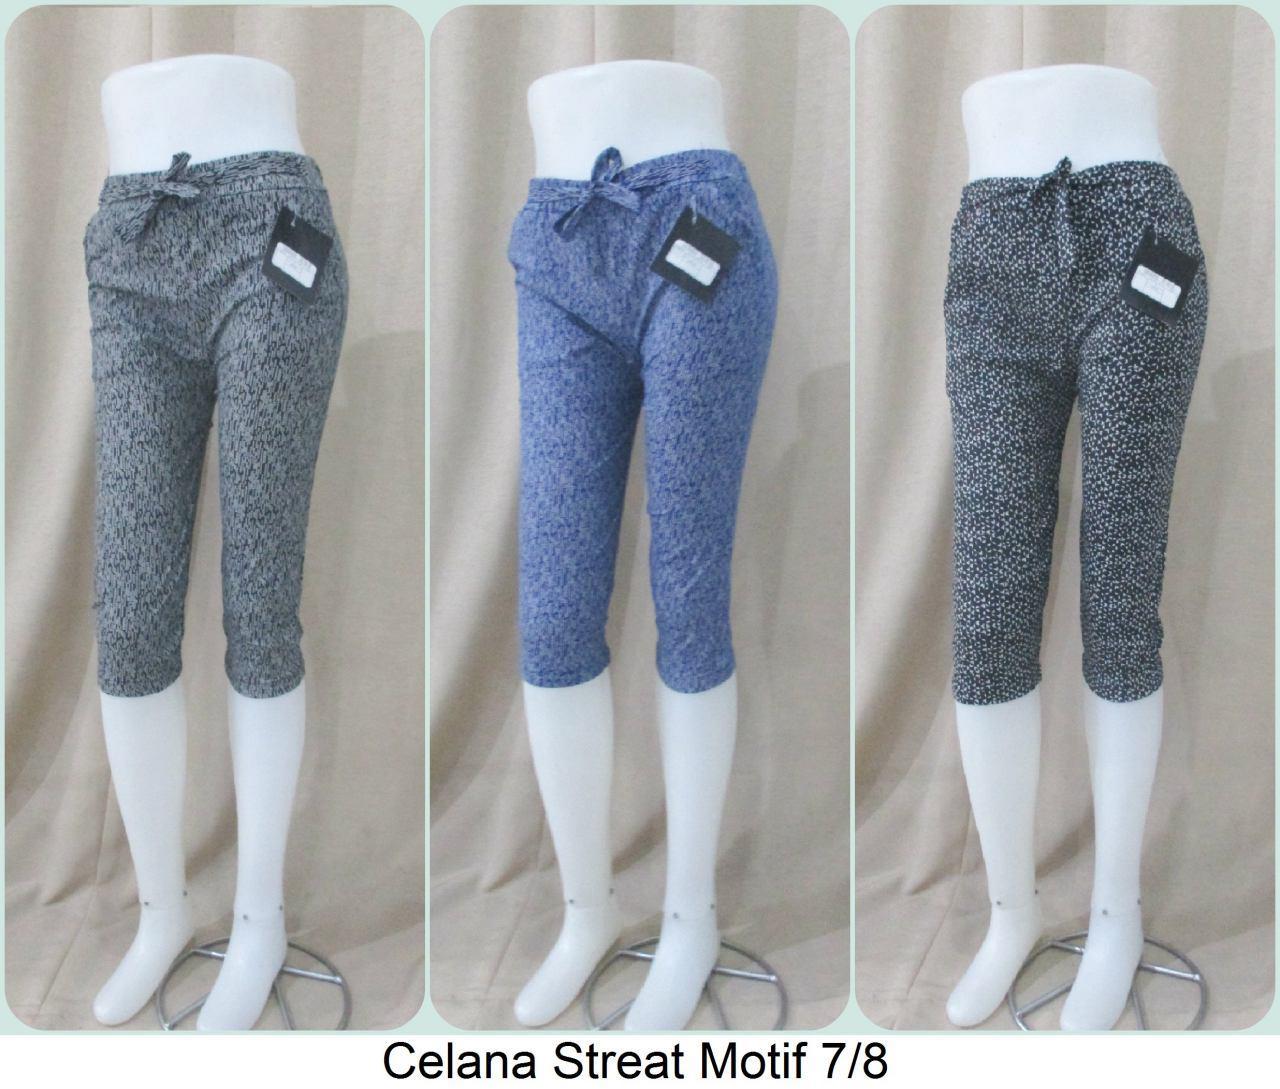 ObralanBaju.com Obral Baju Pakaian Murah Meriah 5000 Celana Kids Pjg